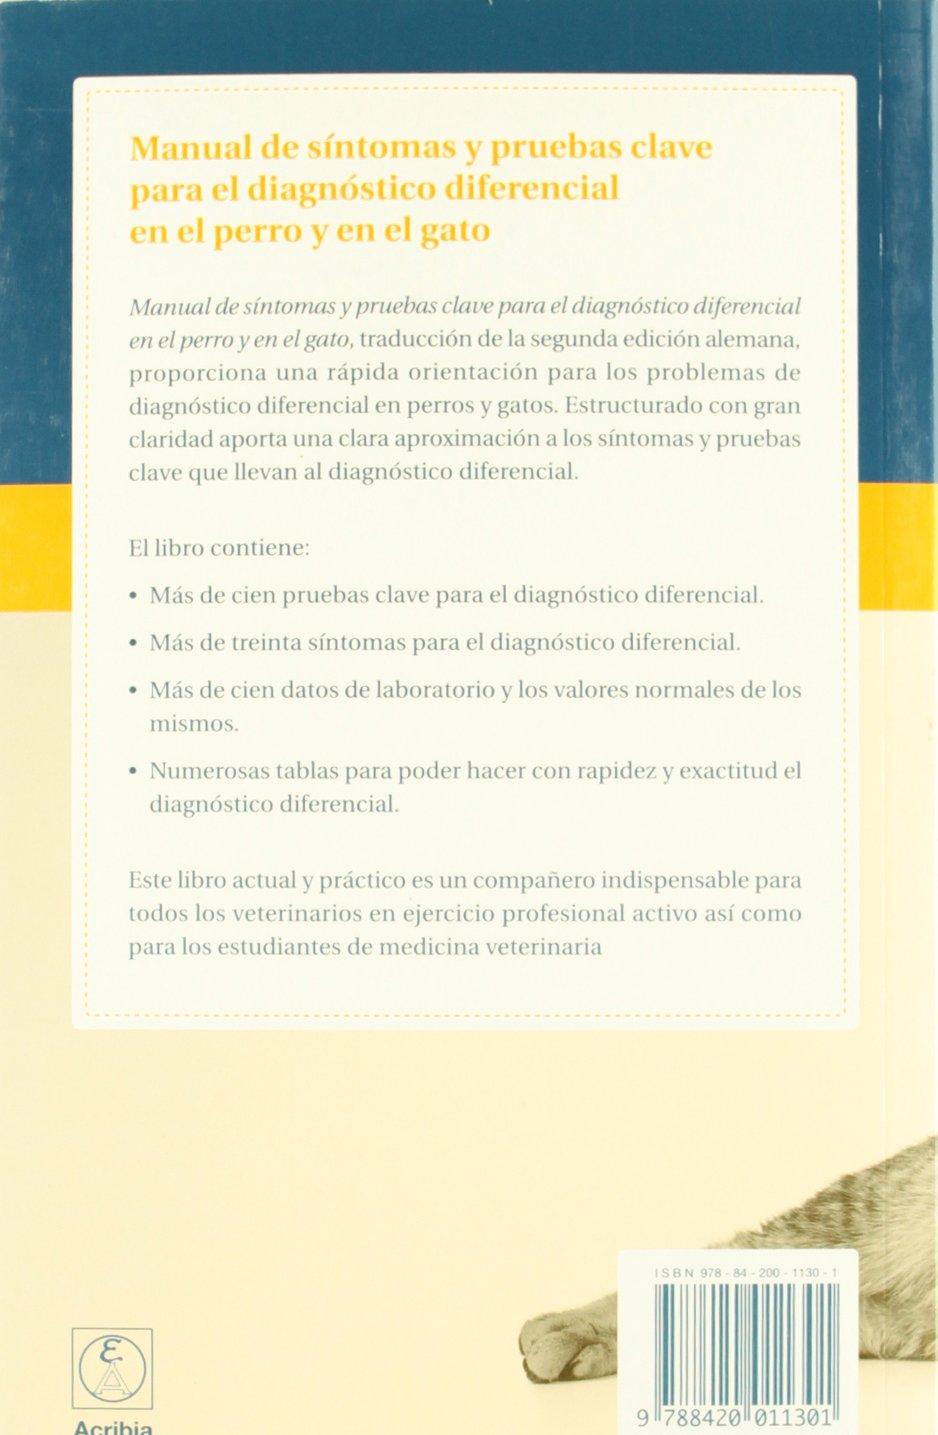 Manual de Sintomas y Pruebas Clave para el Diagnostico Diferencia l en el Perro y Gato: SCHREY: 9788420011301: Amazon.com: Books